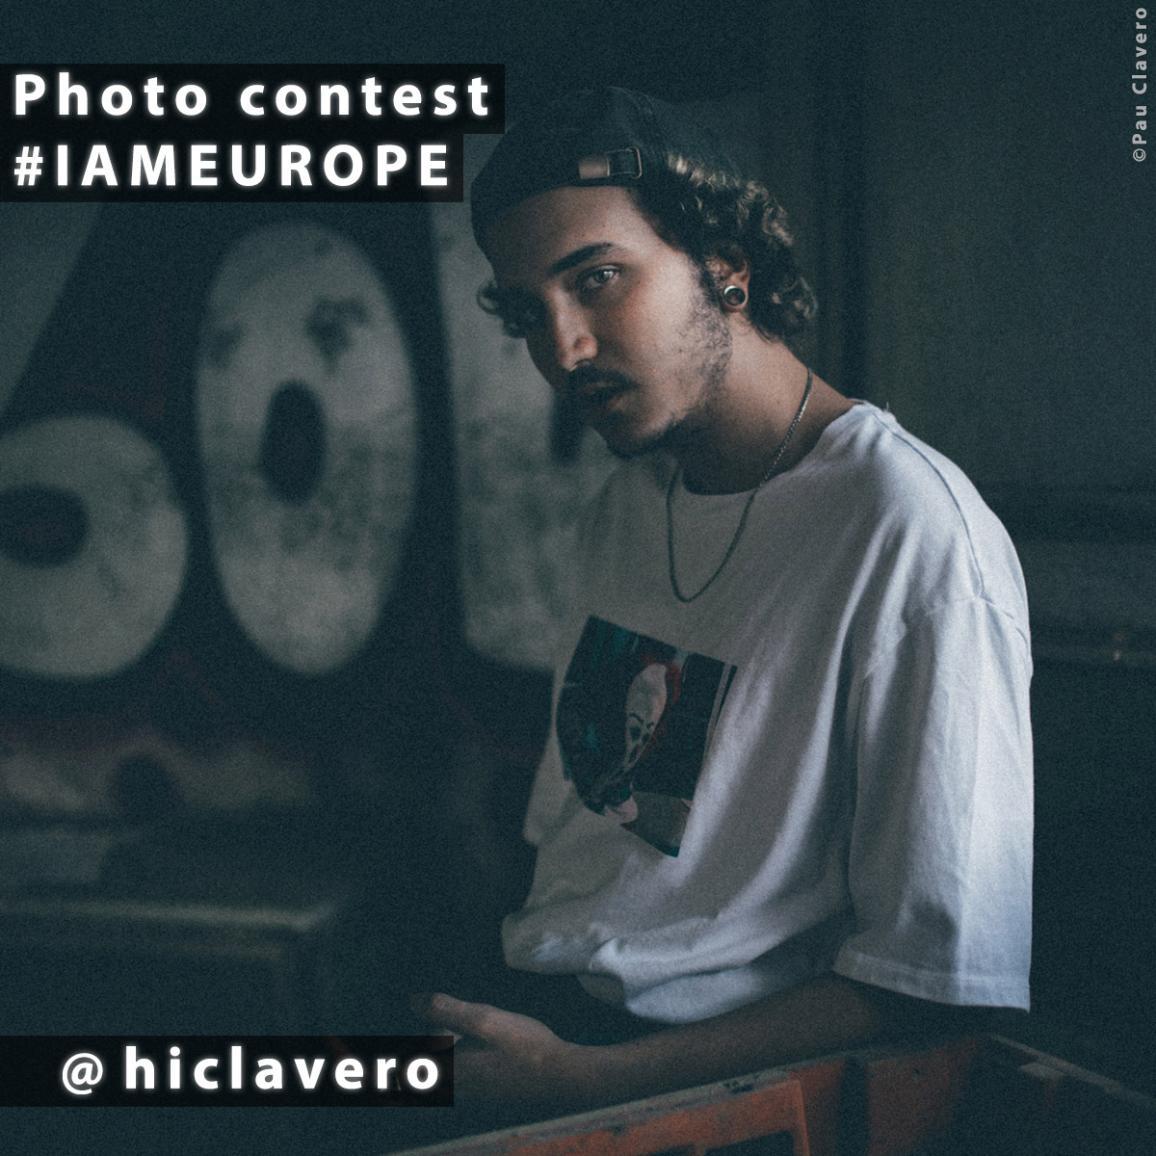 Foto: Muchas gracias al fotógrafo españolo,Pau Clavero (instagram @hiclavero) por dar su testimonio en el concurso